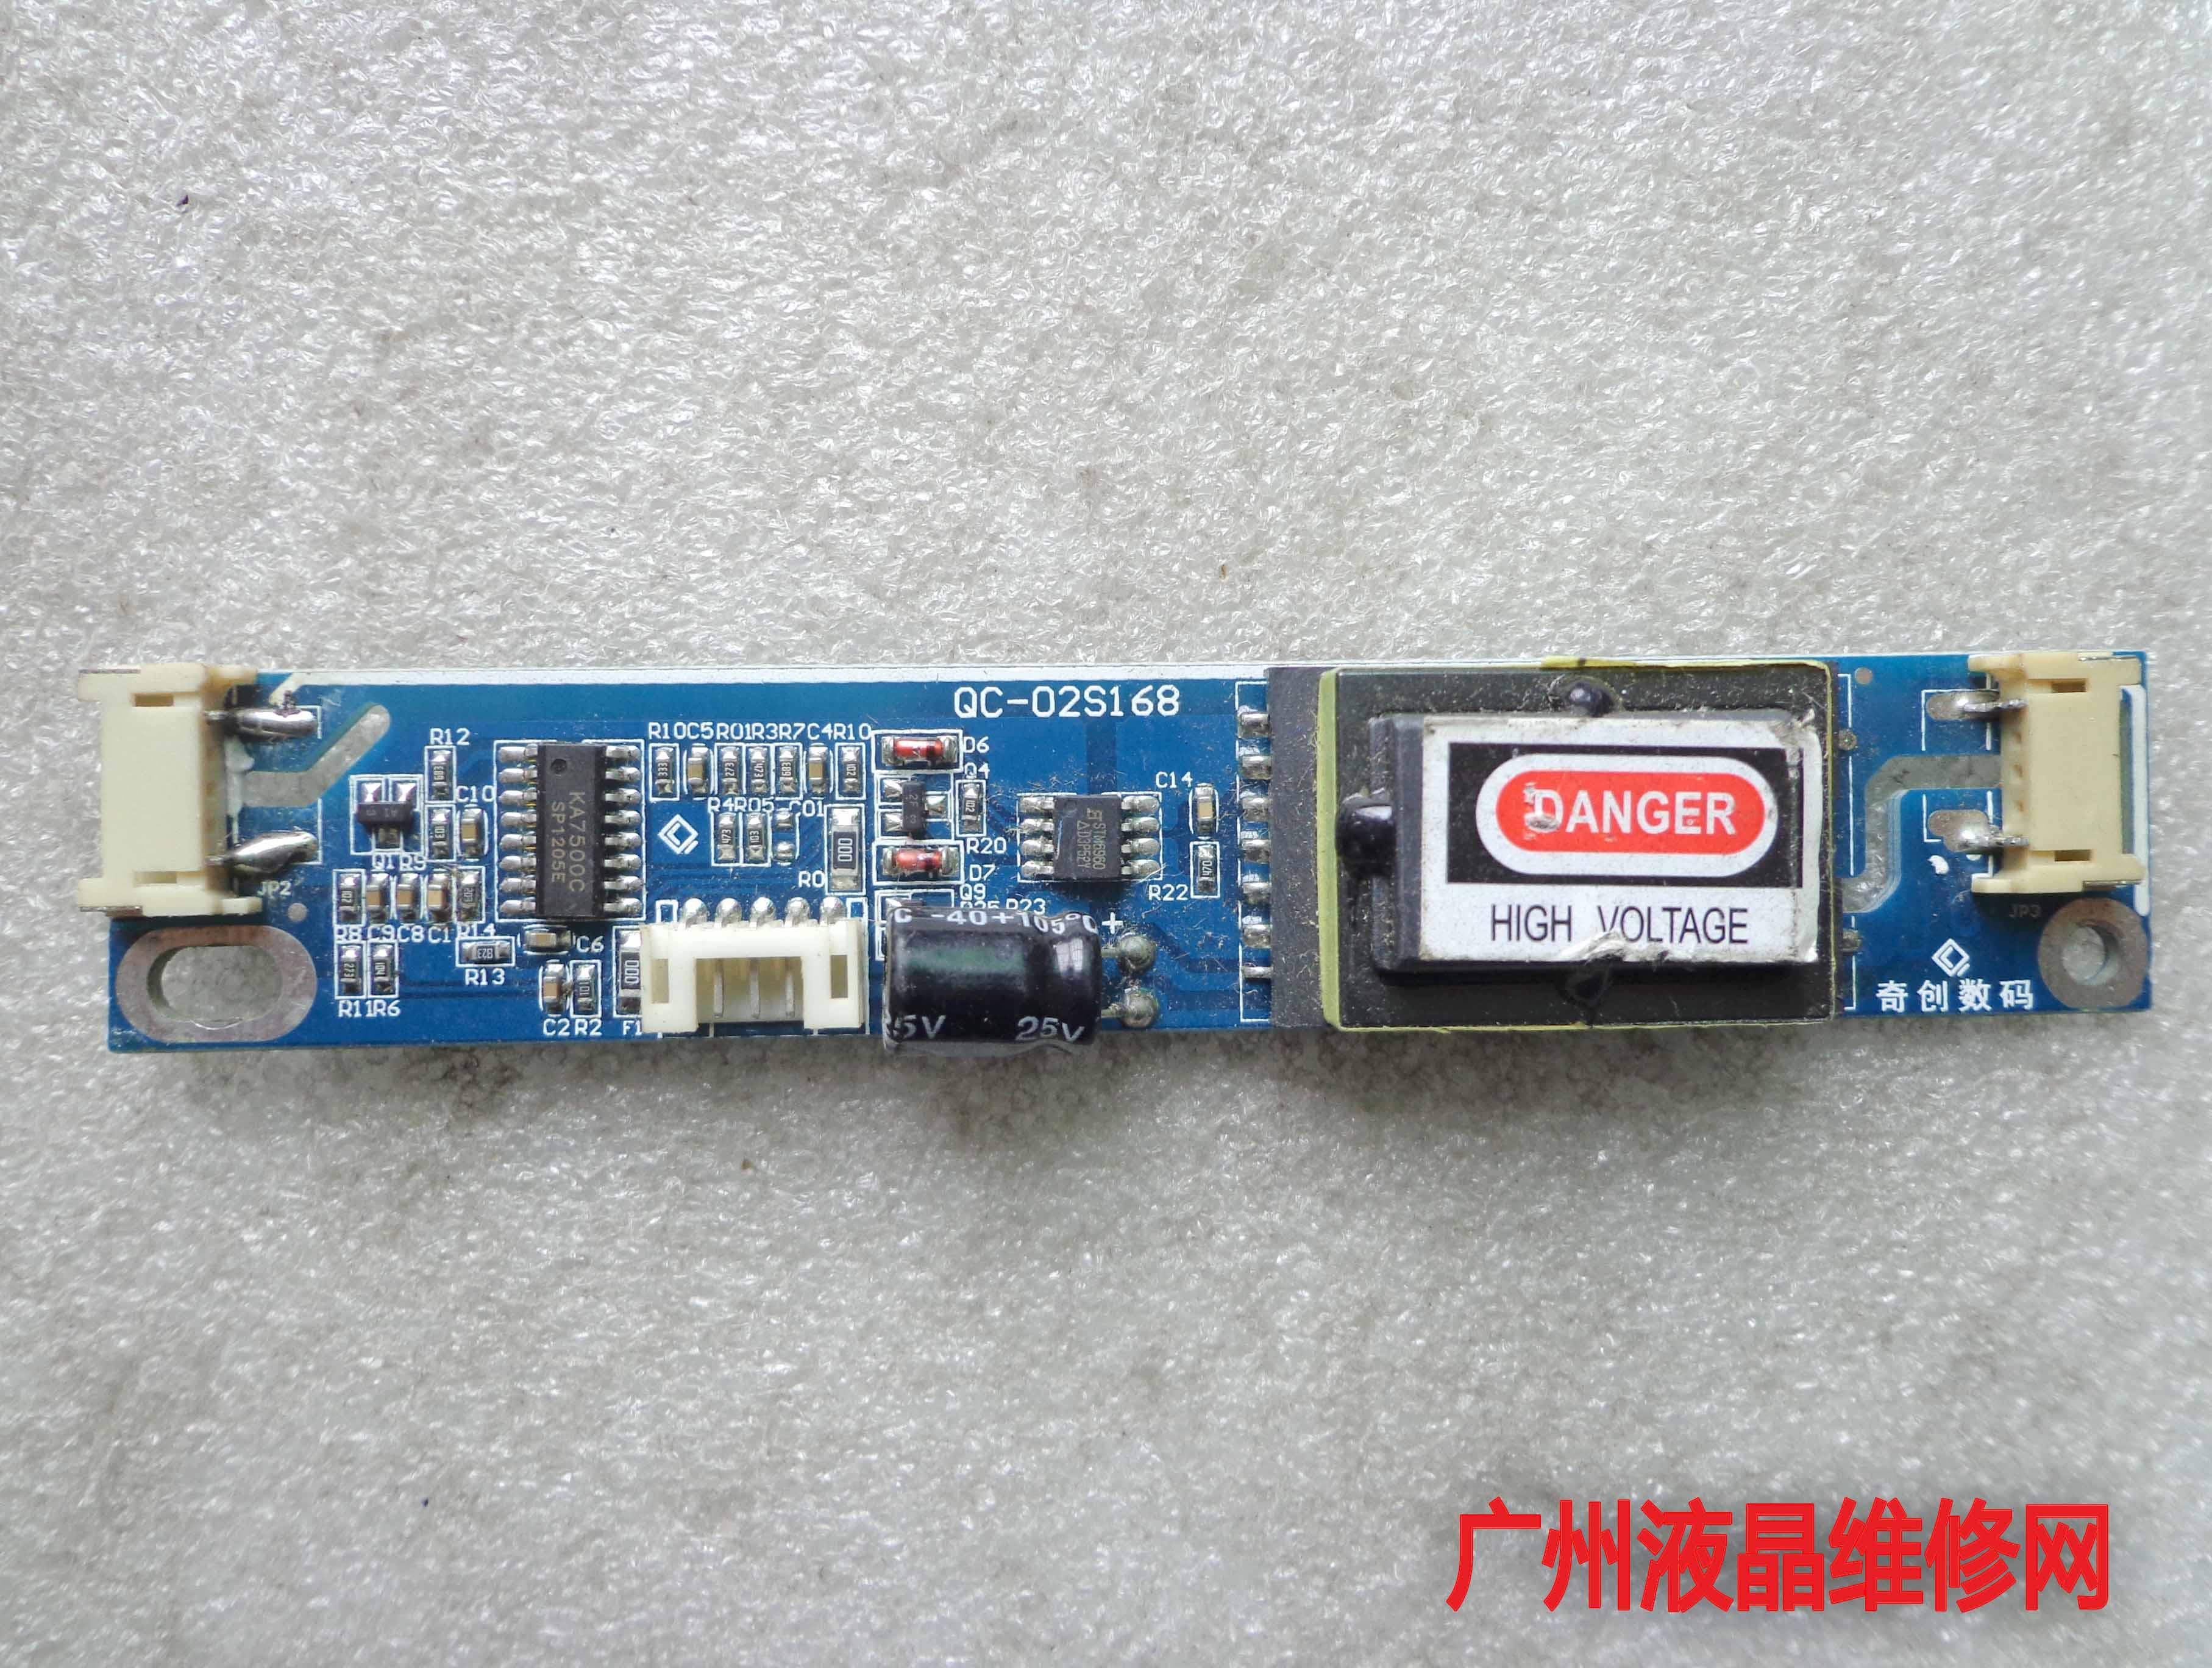 و الرقمية مزدوجة ضوء صغير الفم LCD عالية الضغط لوحة 2 ضوء كبيرة LCD عالية الضغط QC-02S168